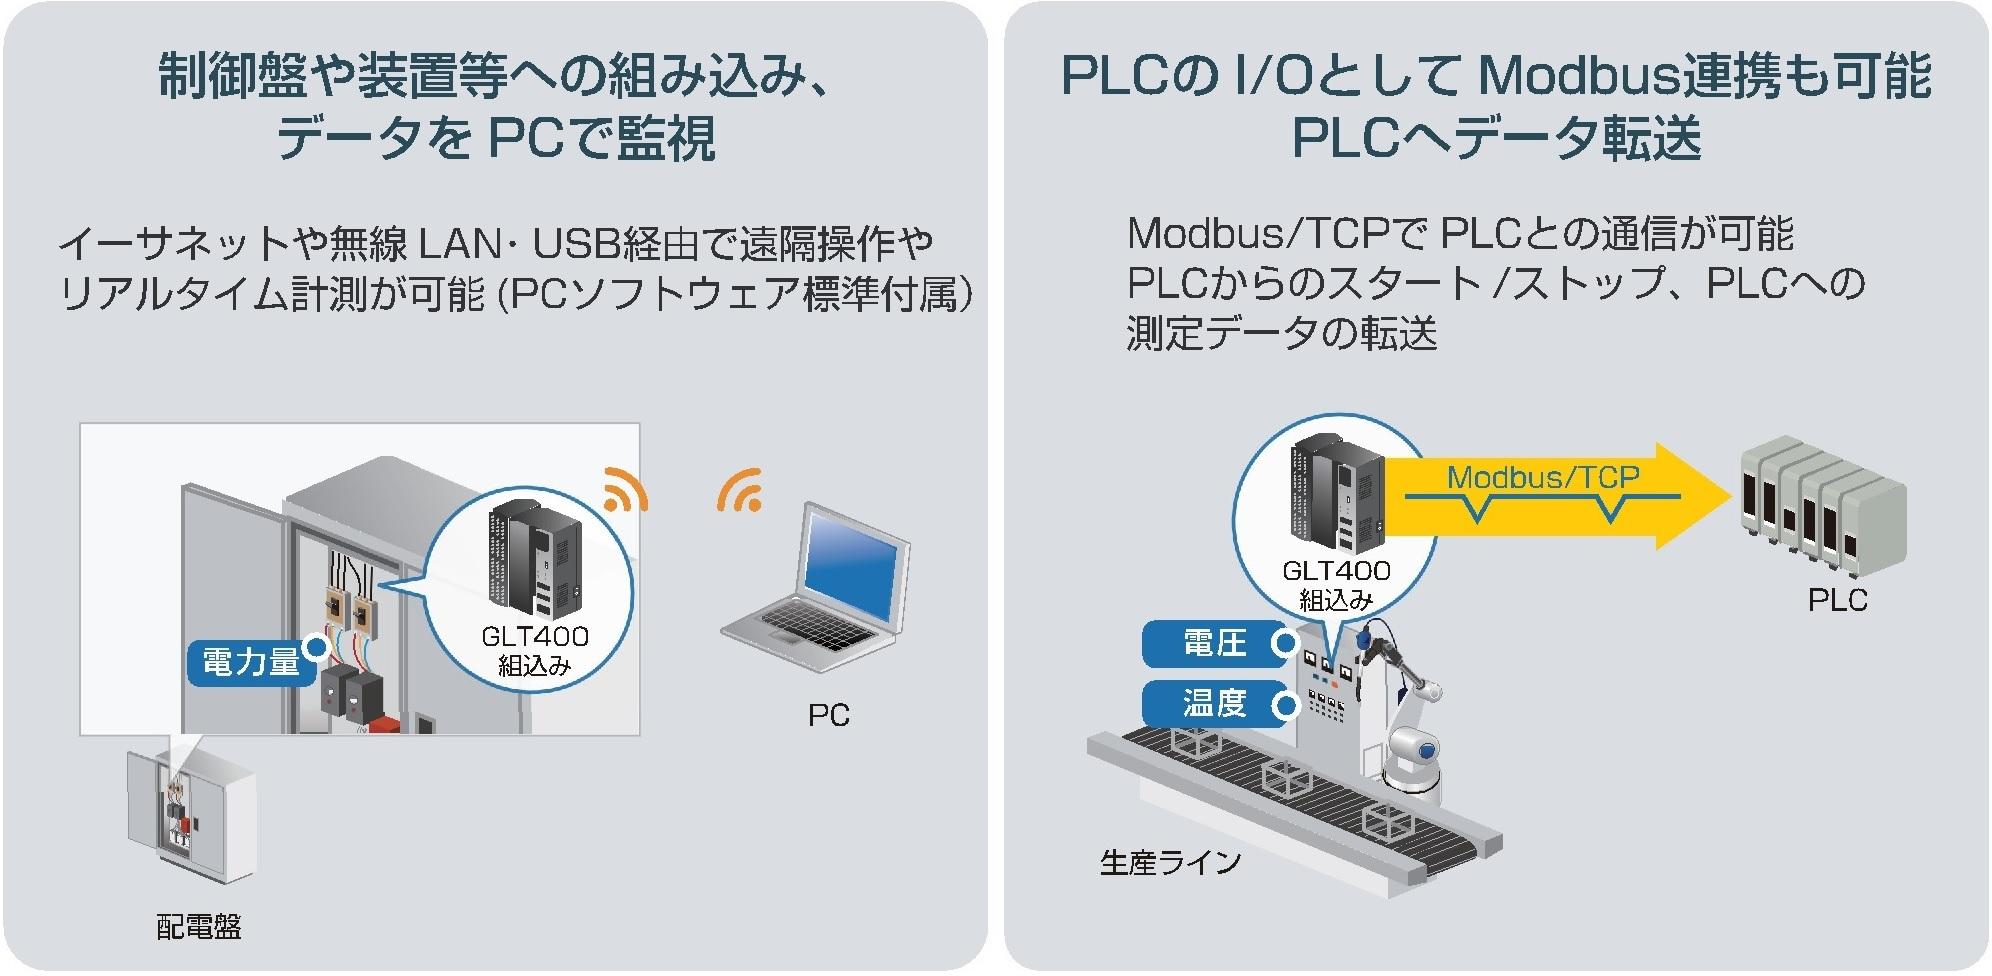 グラフテック株式会社 GLT400活用方法画像